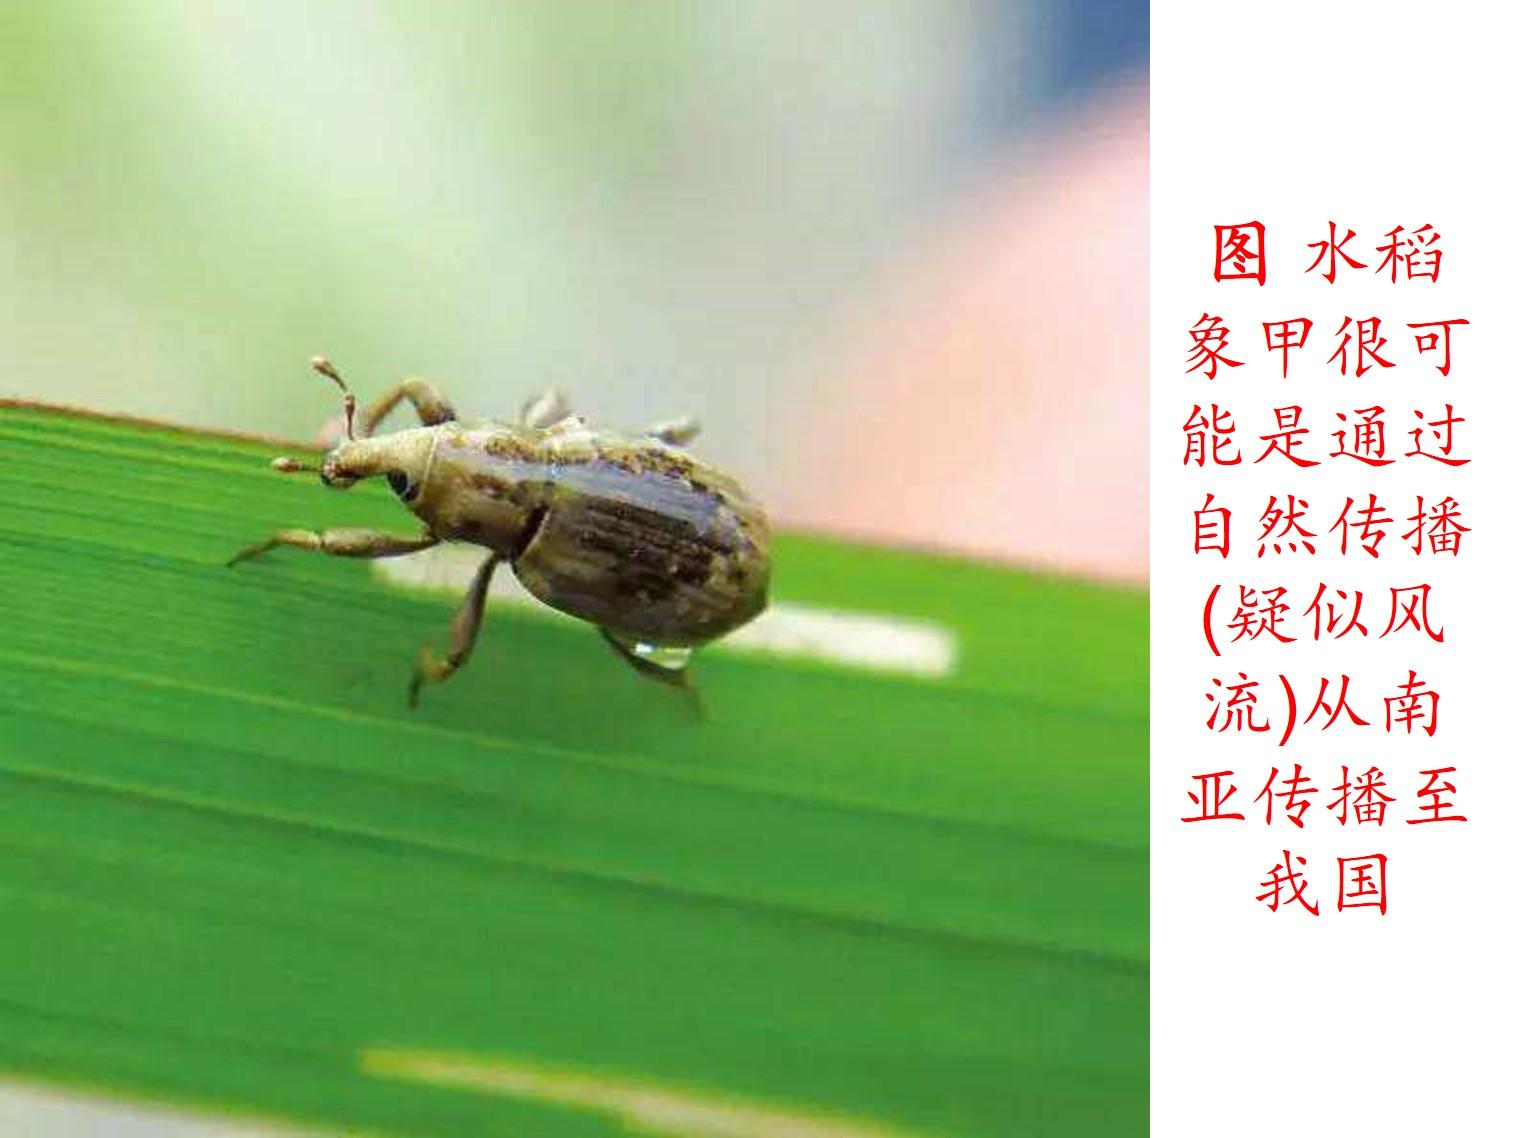 图片29.jpg